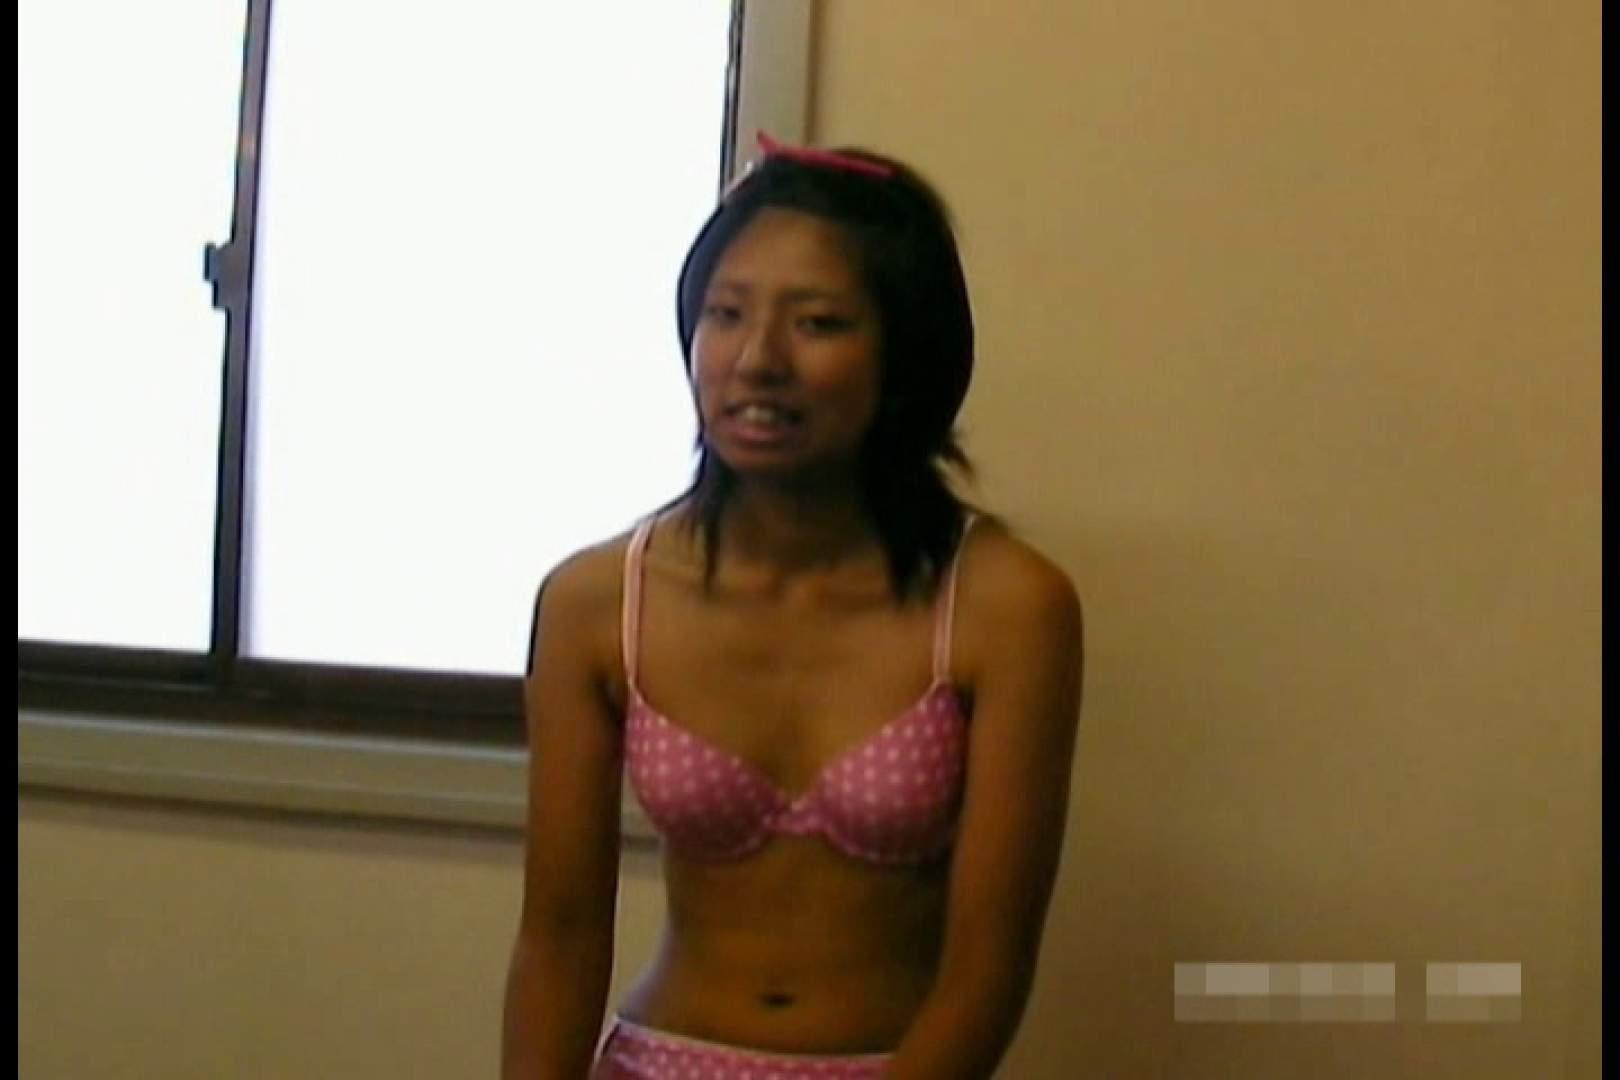 素人撮影 下着だけの撮影のはずが・・・エミちゃん18歳 乳首 おまんこ無修正動画無料 65pic 15